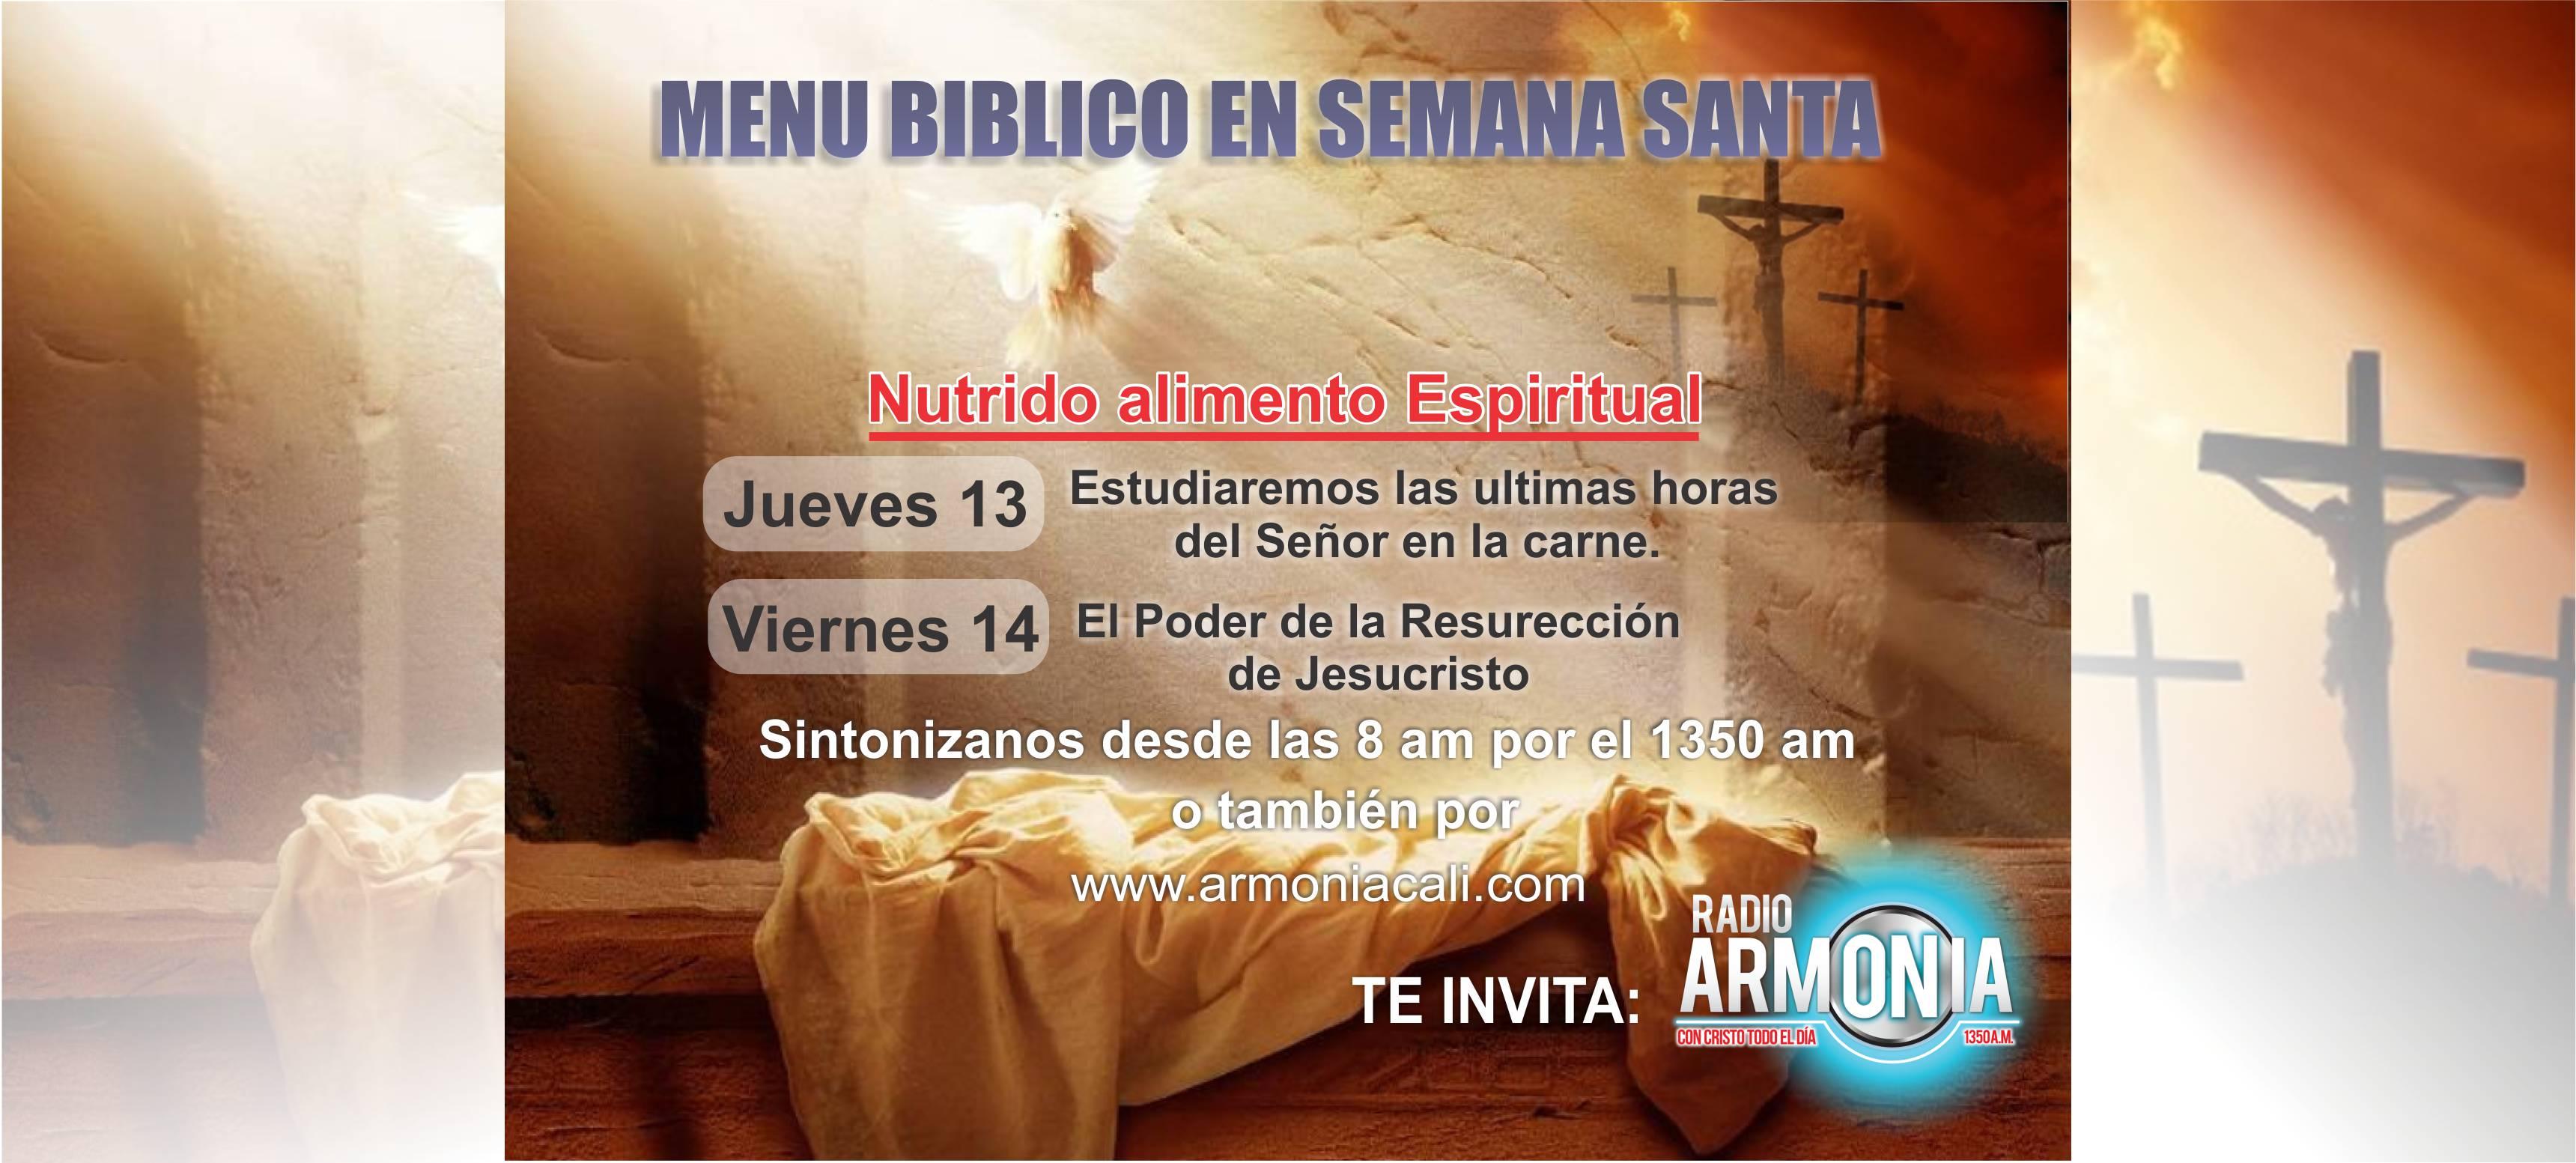 Menú Bíblico Semana Santa